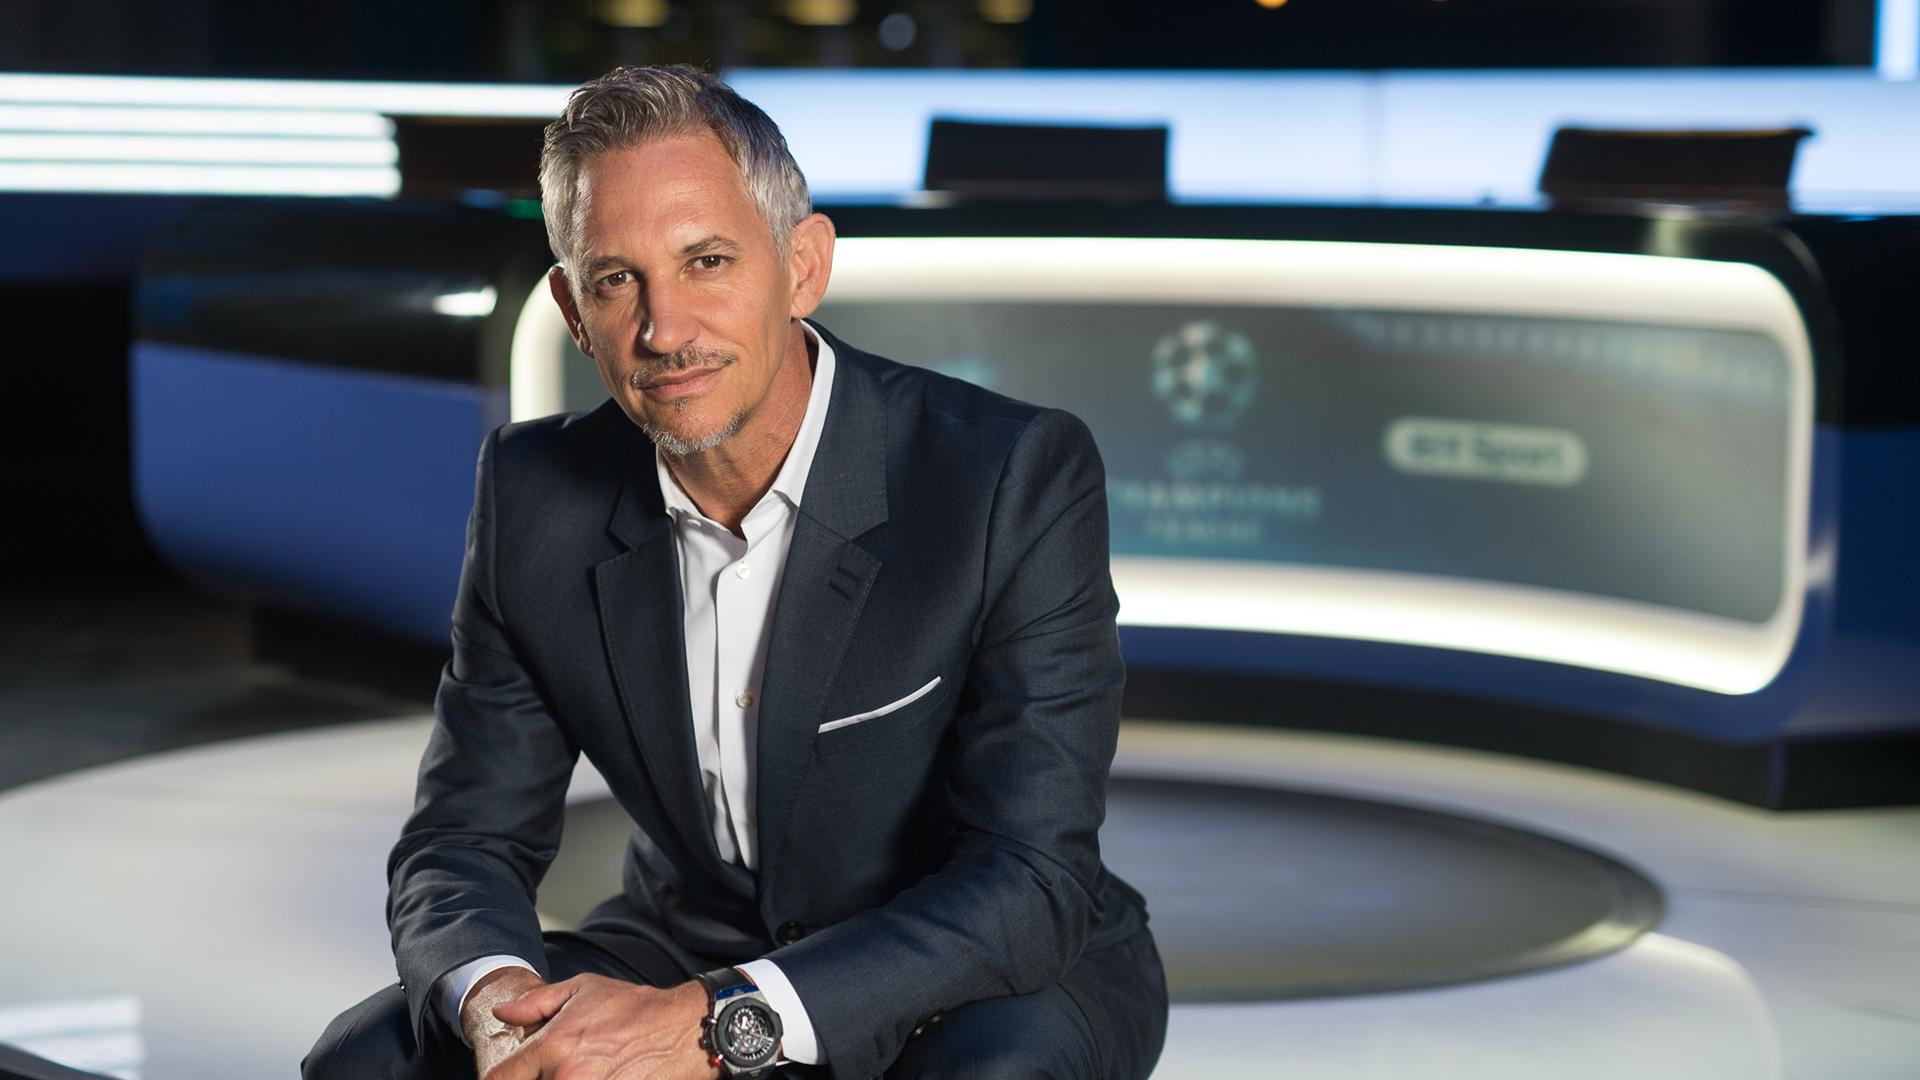 gary lineker: barca giữ chân Messi không quan trọng bằng tìm người thay Neymar - Bóng Đá